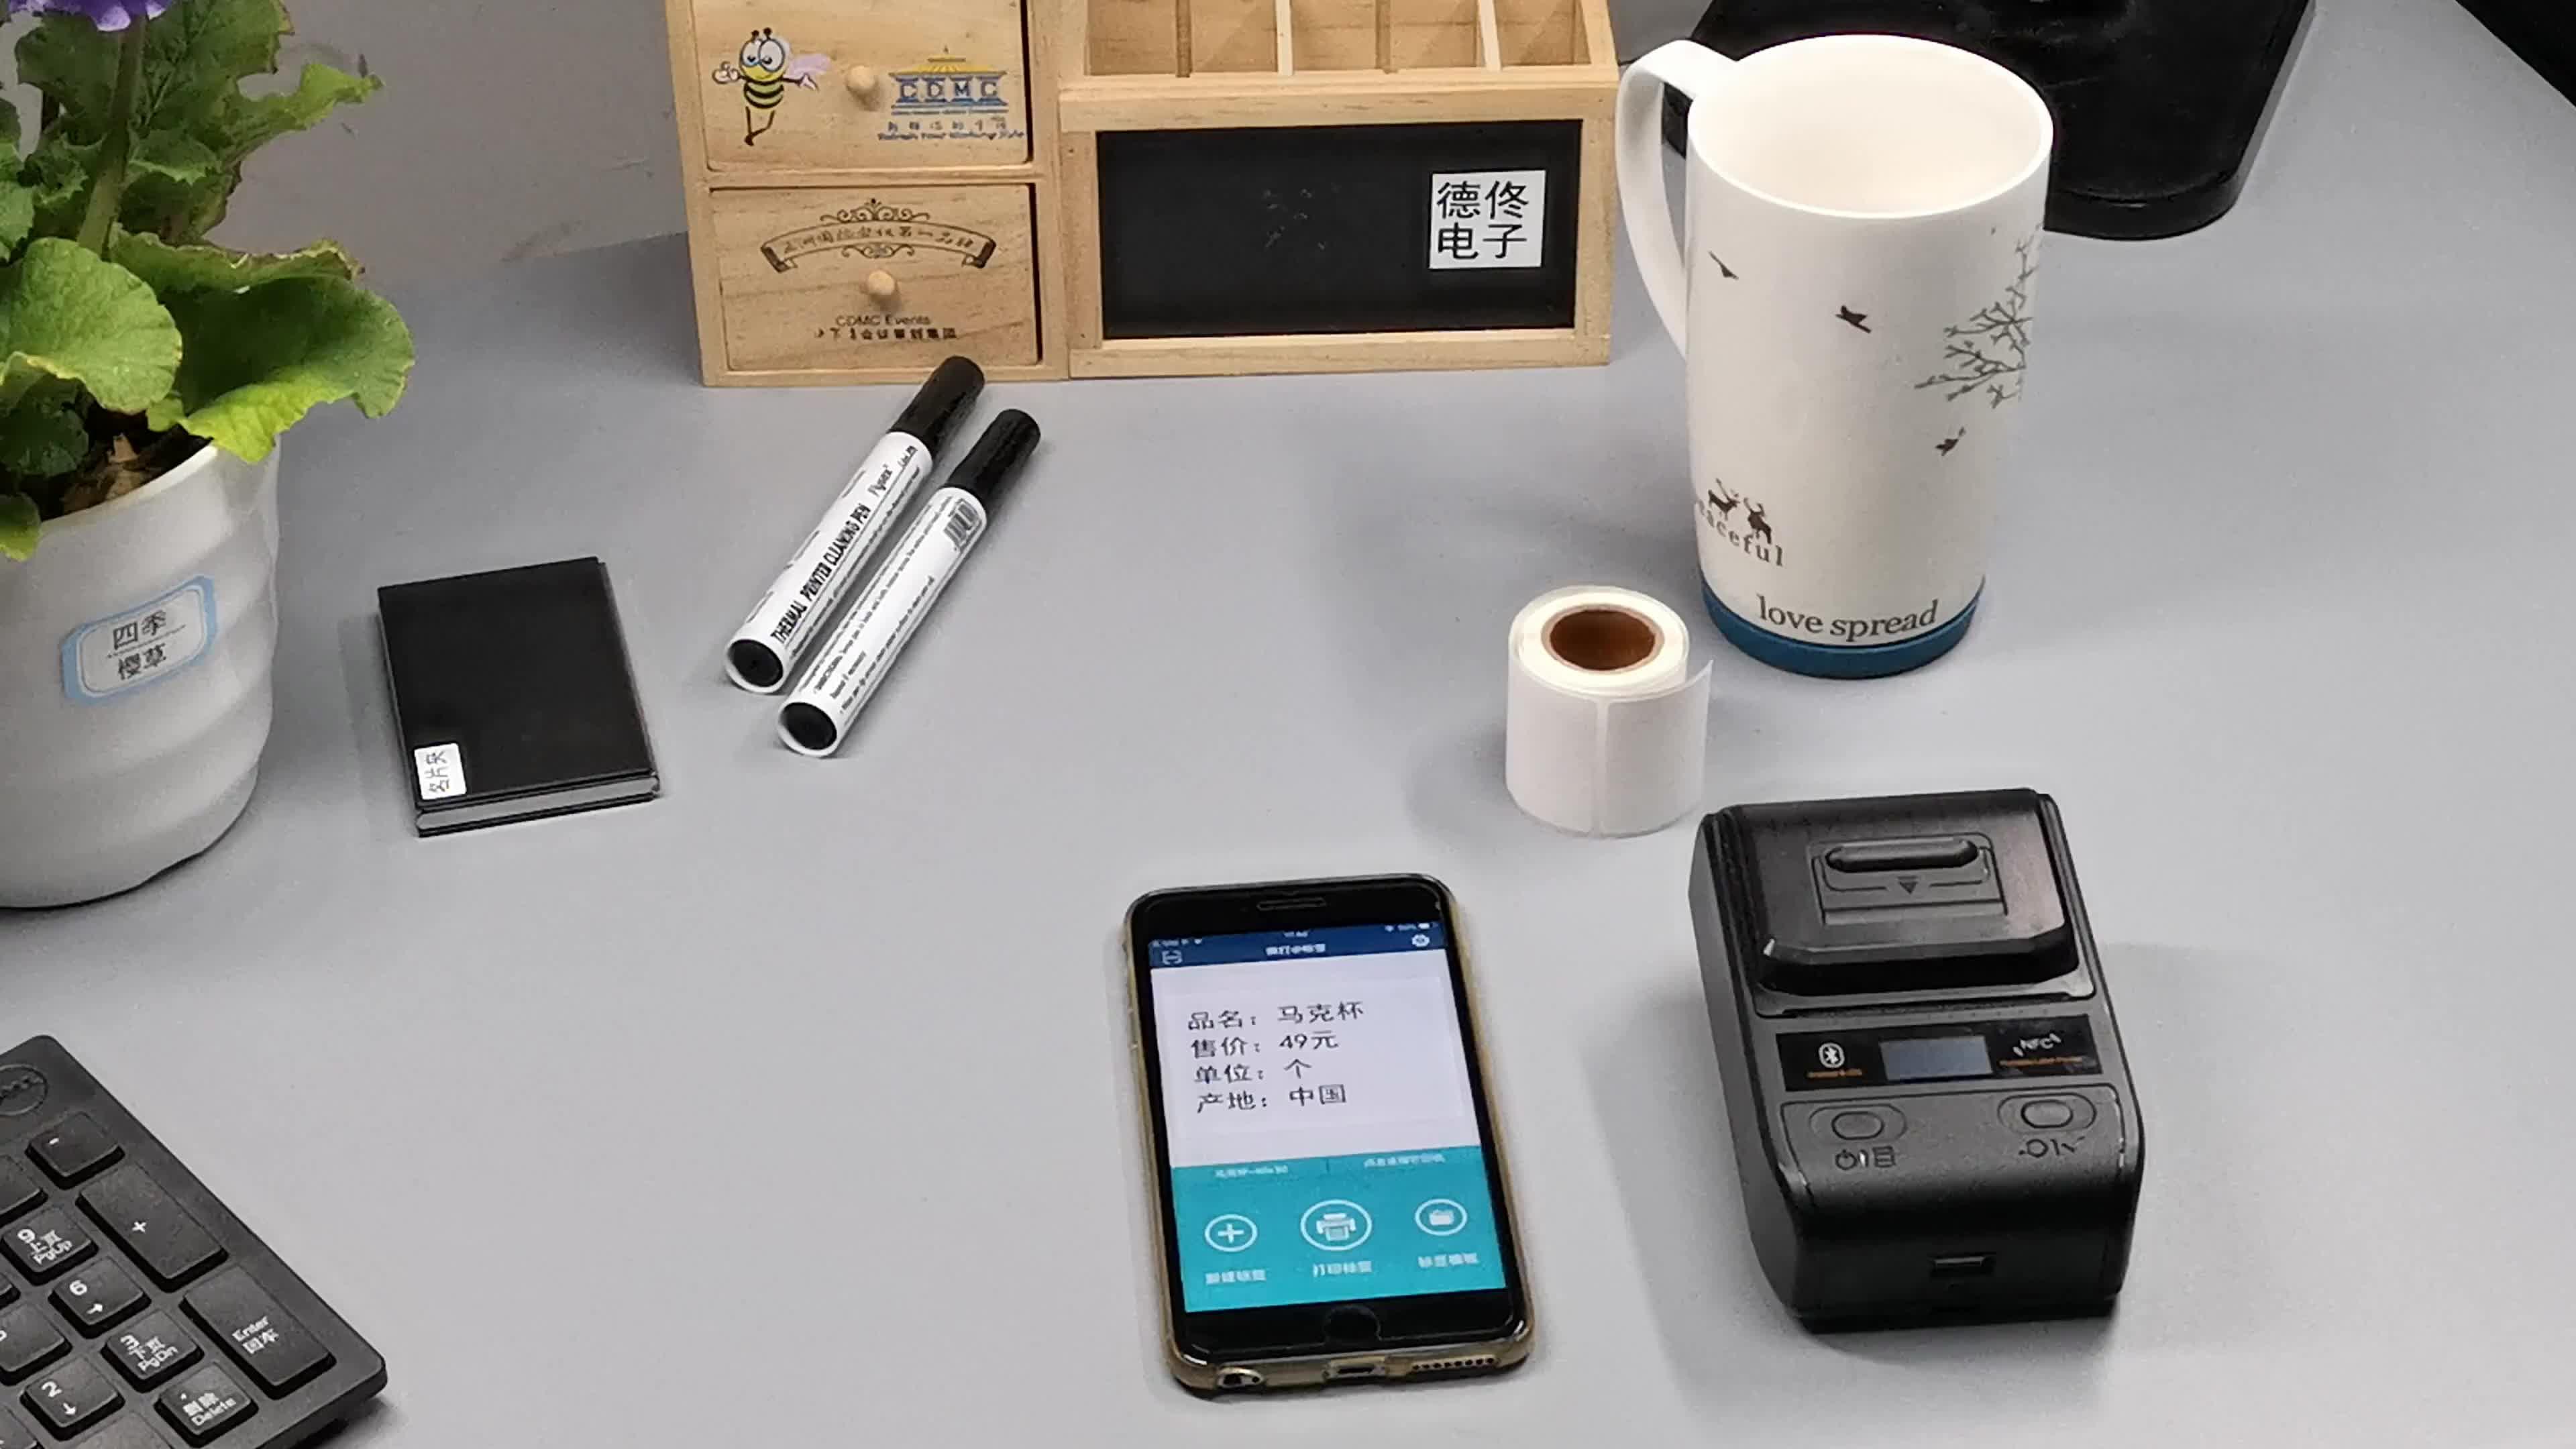 DeTong DP23S 58 milímetros mini impressora da etiqueta impressora de etiquetas de código de barras qr code price tag jóias